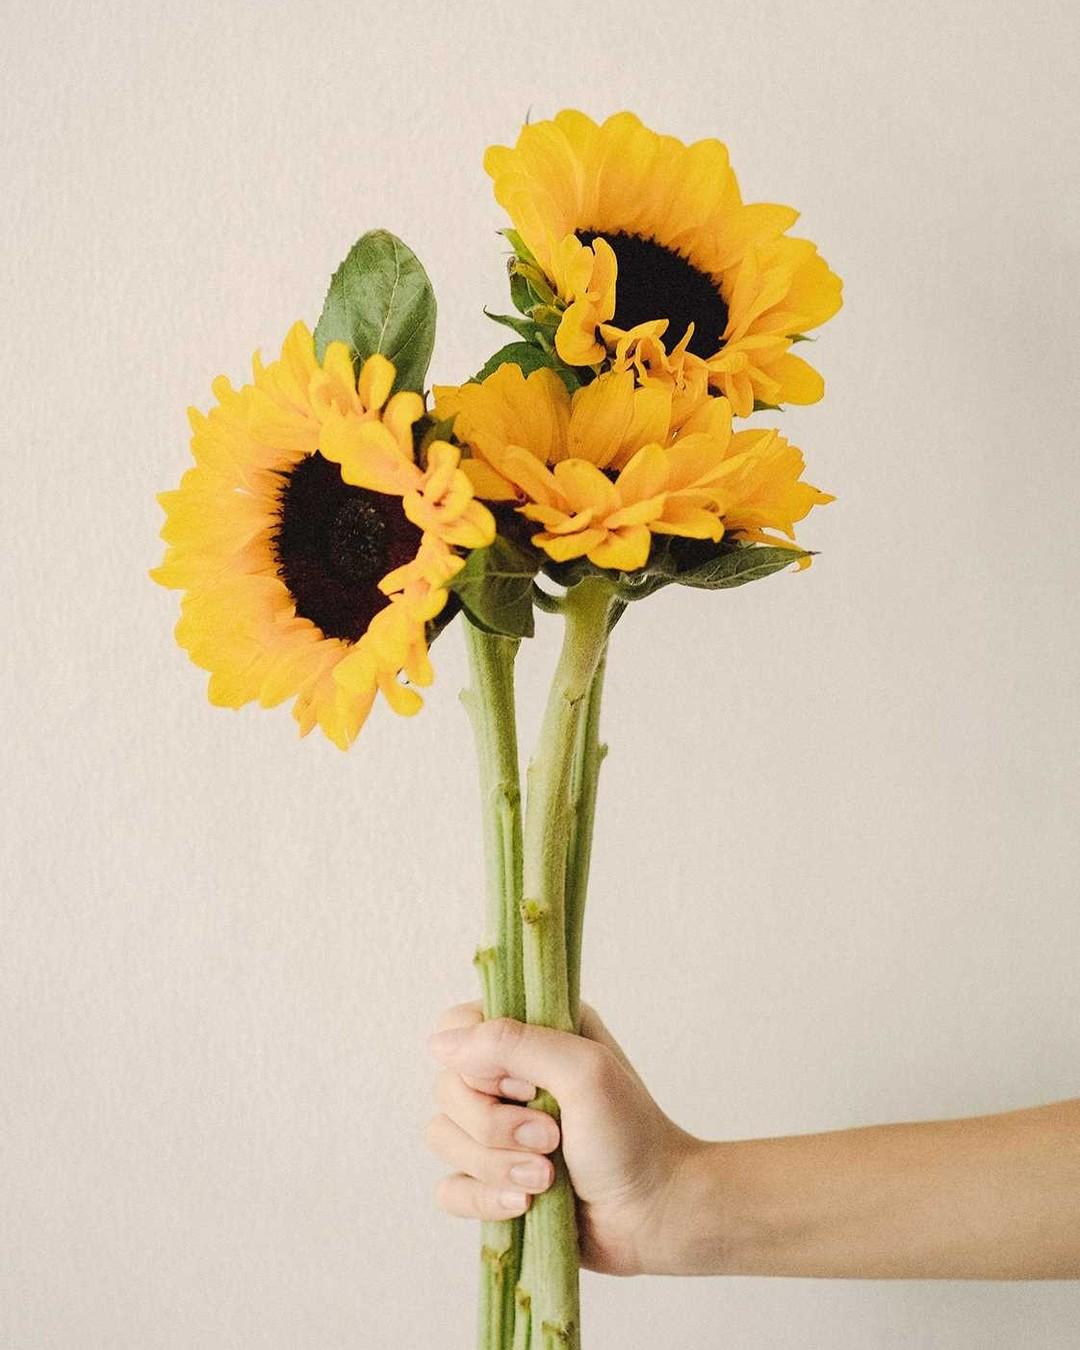 A czy w Twoim ogrodzie już zakwitły małe słońca? #słoneczniki #sunflowers #sunflower #kwiaty #lato #photography #wakacje #poland #summer #słonecznik #polska #warsaw #photo #flowers #kolory #love #sierpień #spring #nature #dress #flowerpower #instapic #follow #beautiful #bukiet #likeit #instaphoto #ogród #flowerstagram #kochamlato